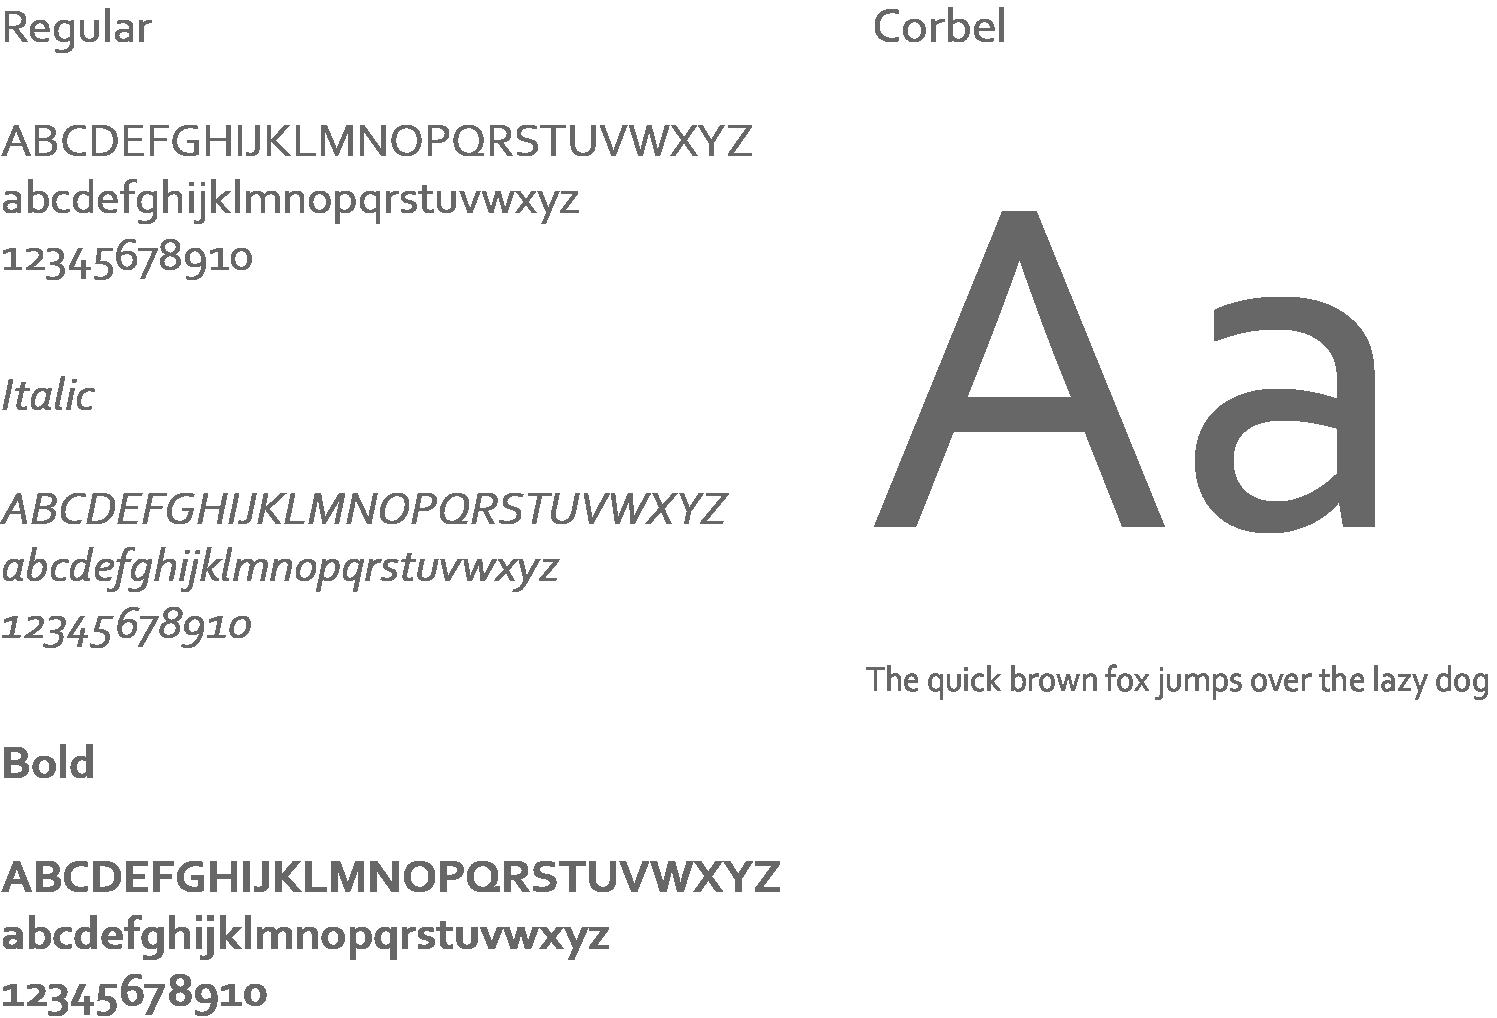 Corbel typography